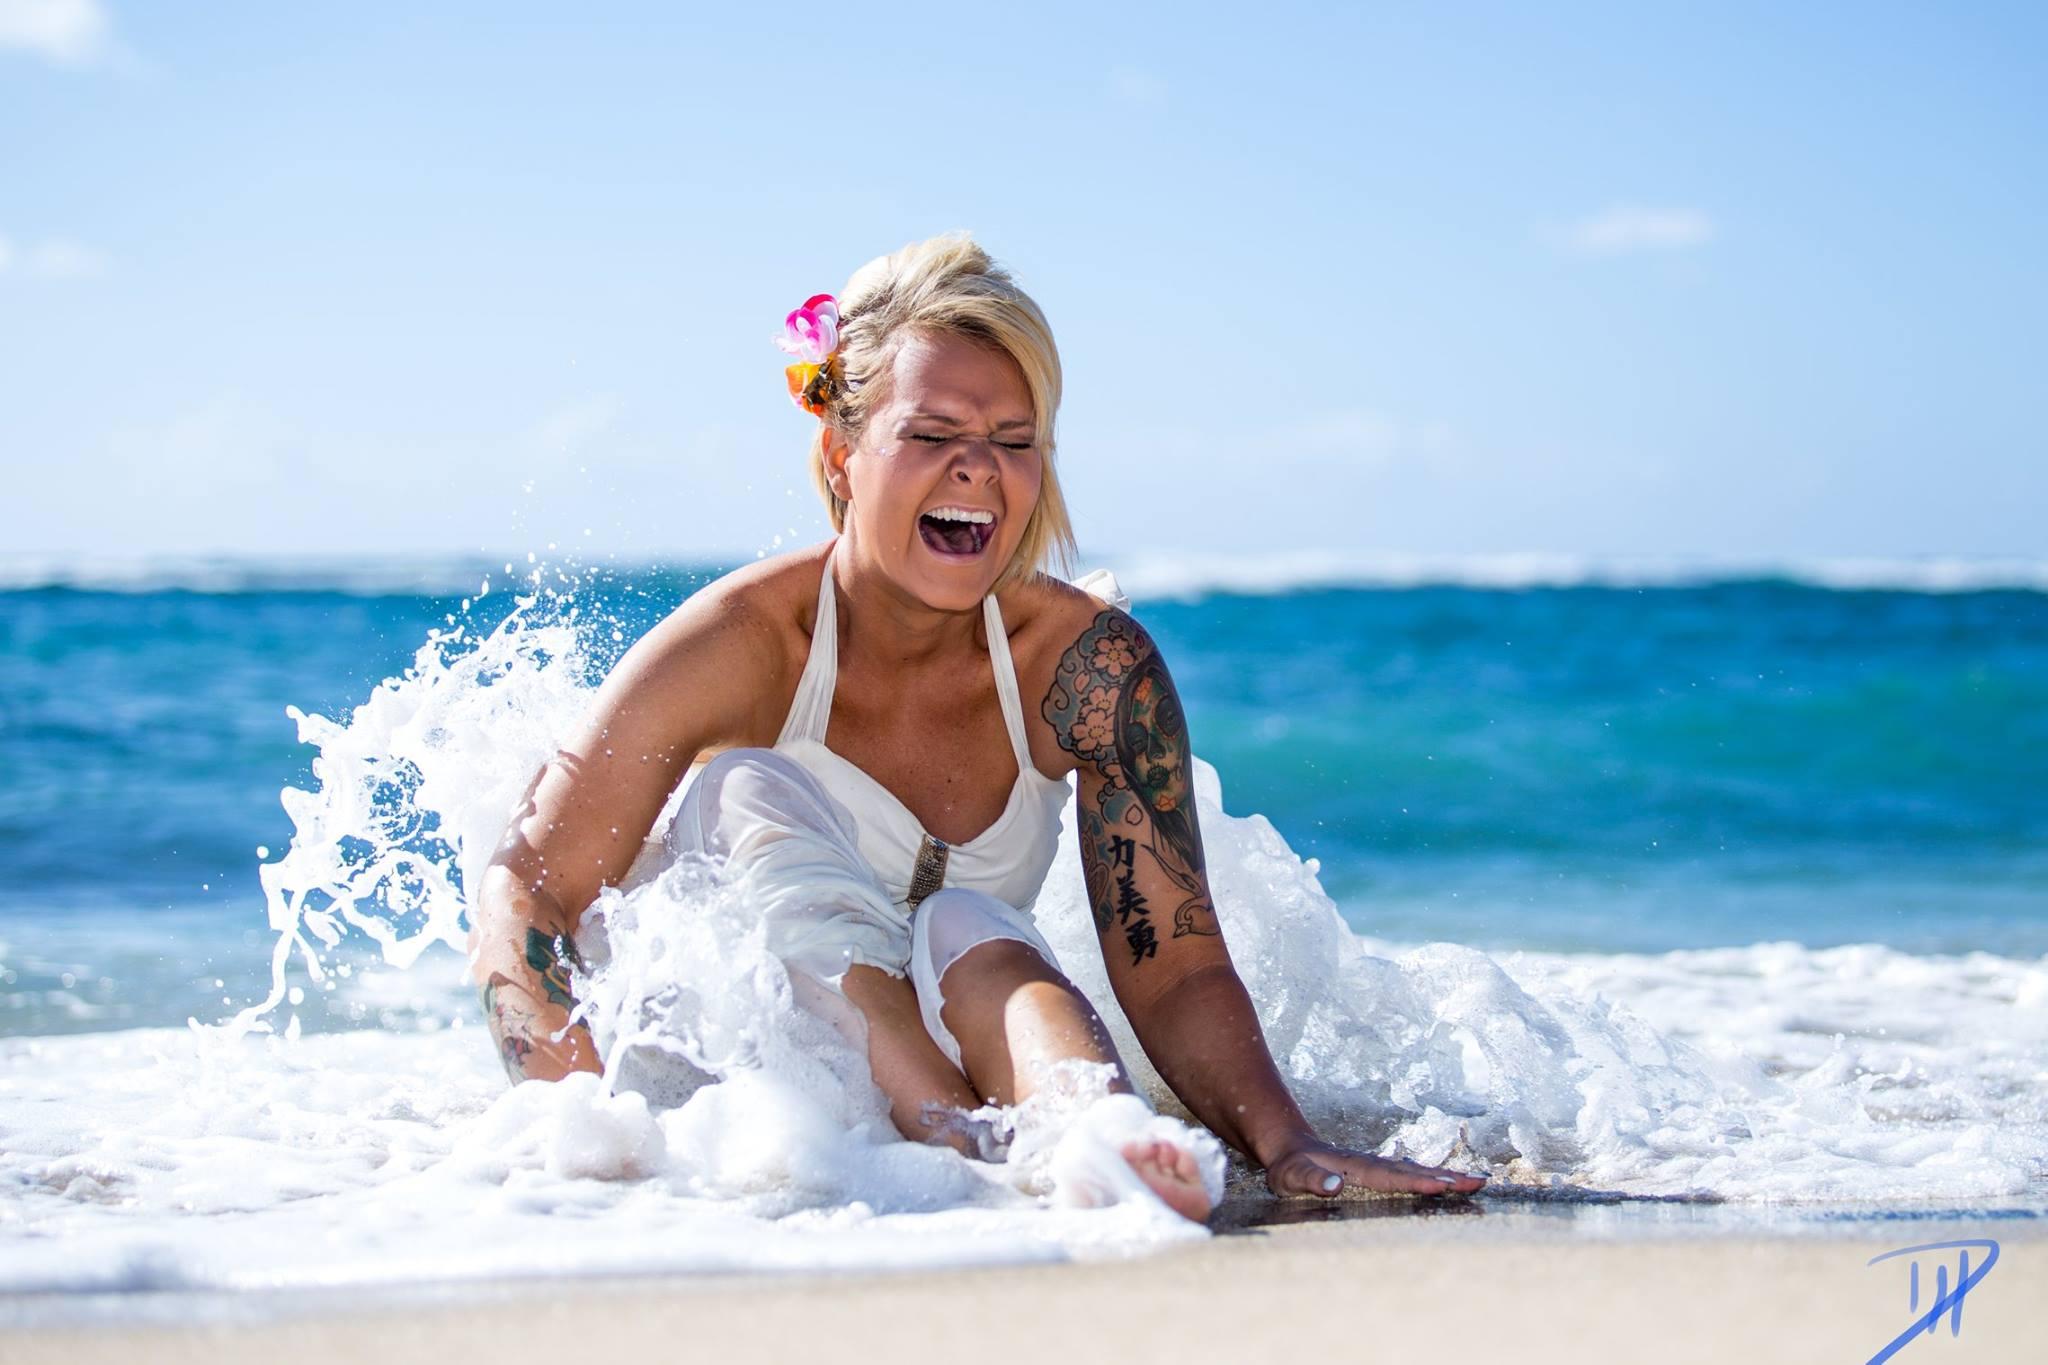 Amber, Waikiki Beach, Canon 6D, 70-200 L, F/7.1, 1/500, ISO 200